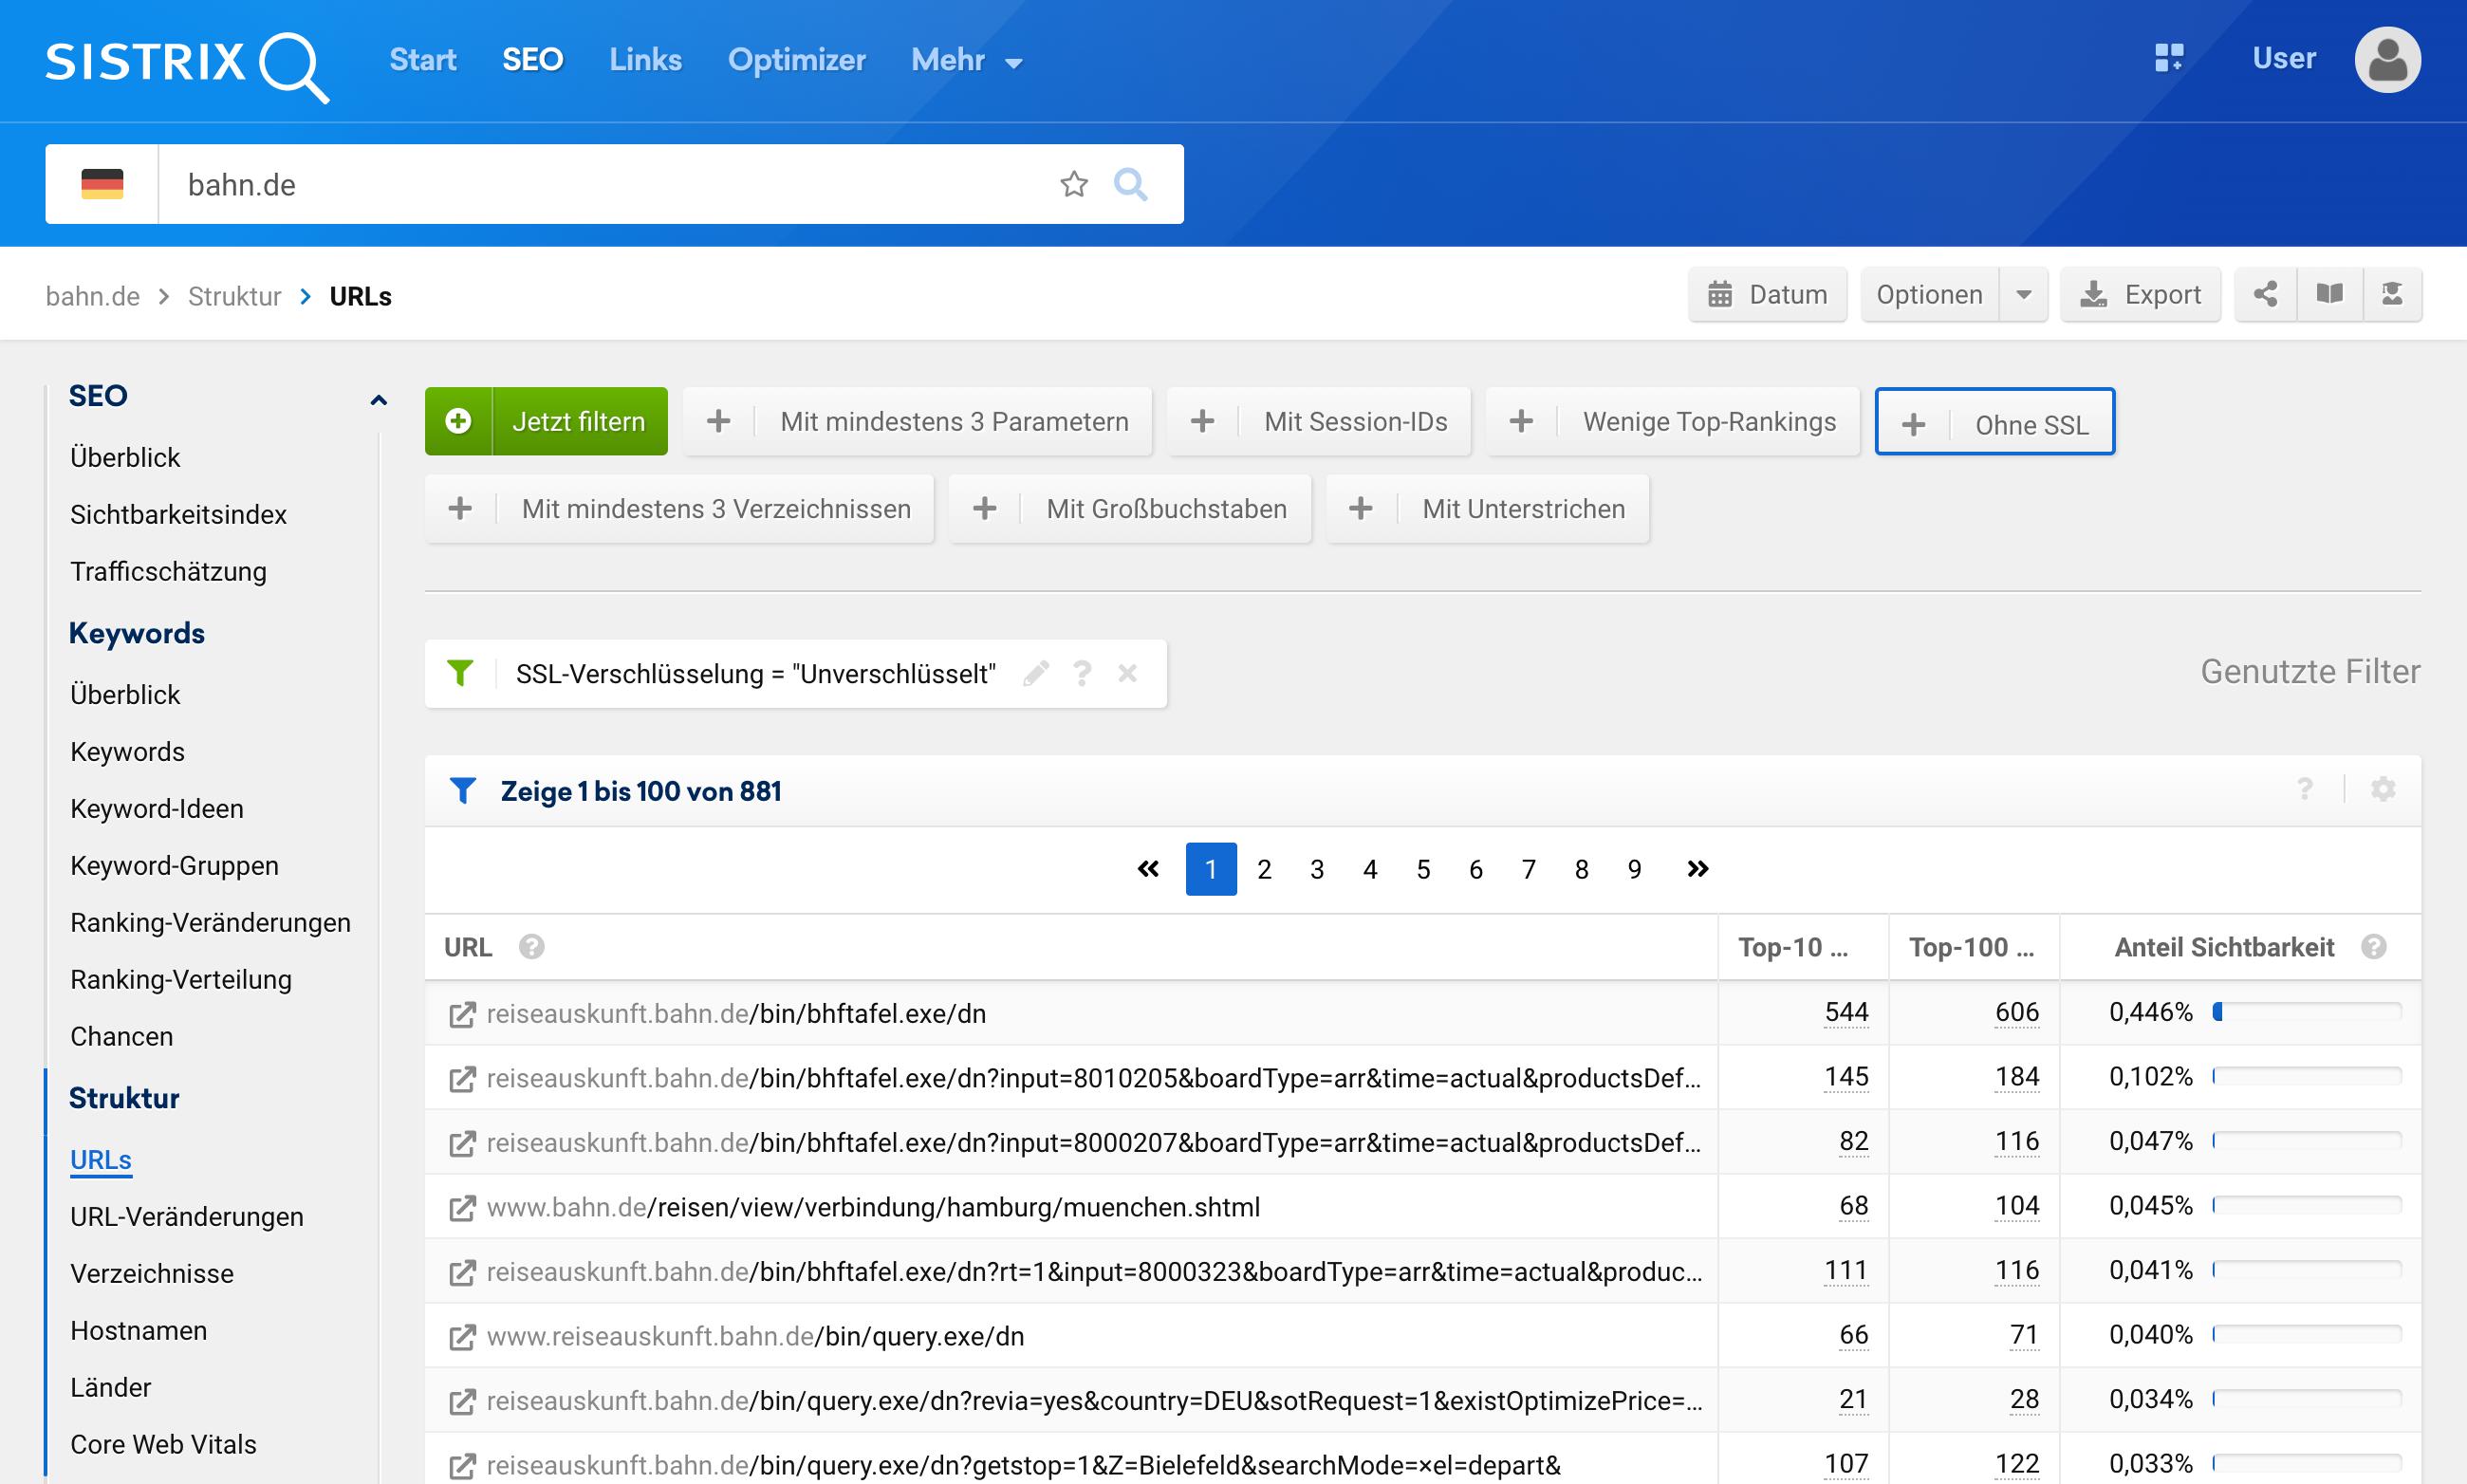 """Übersicht der gefundenen URLs für bahn.de mit dem eingestellten Filter """"ohne SSL""""."""